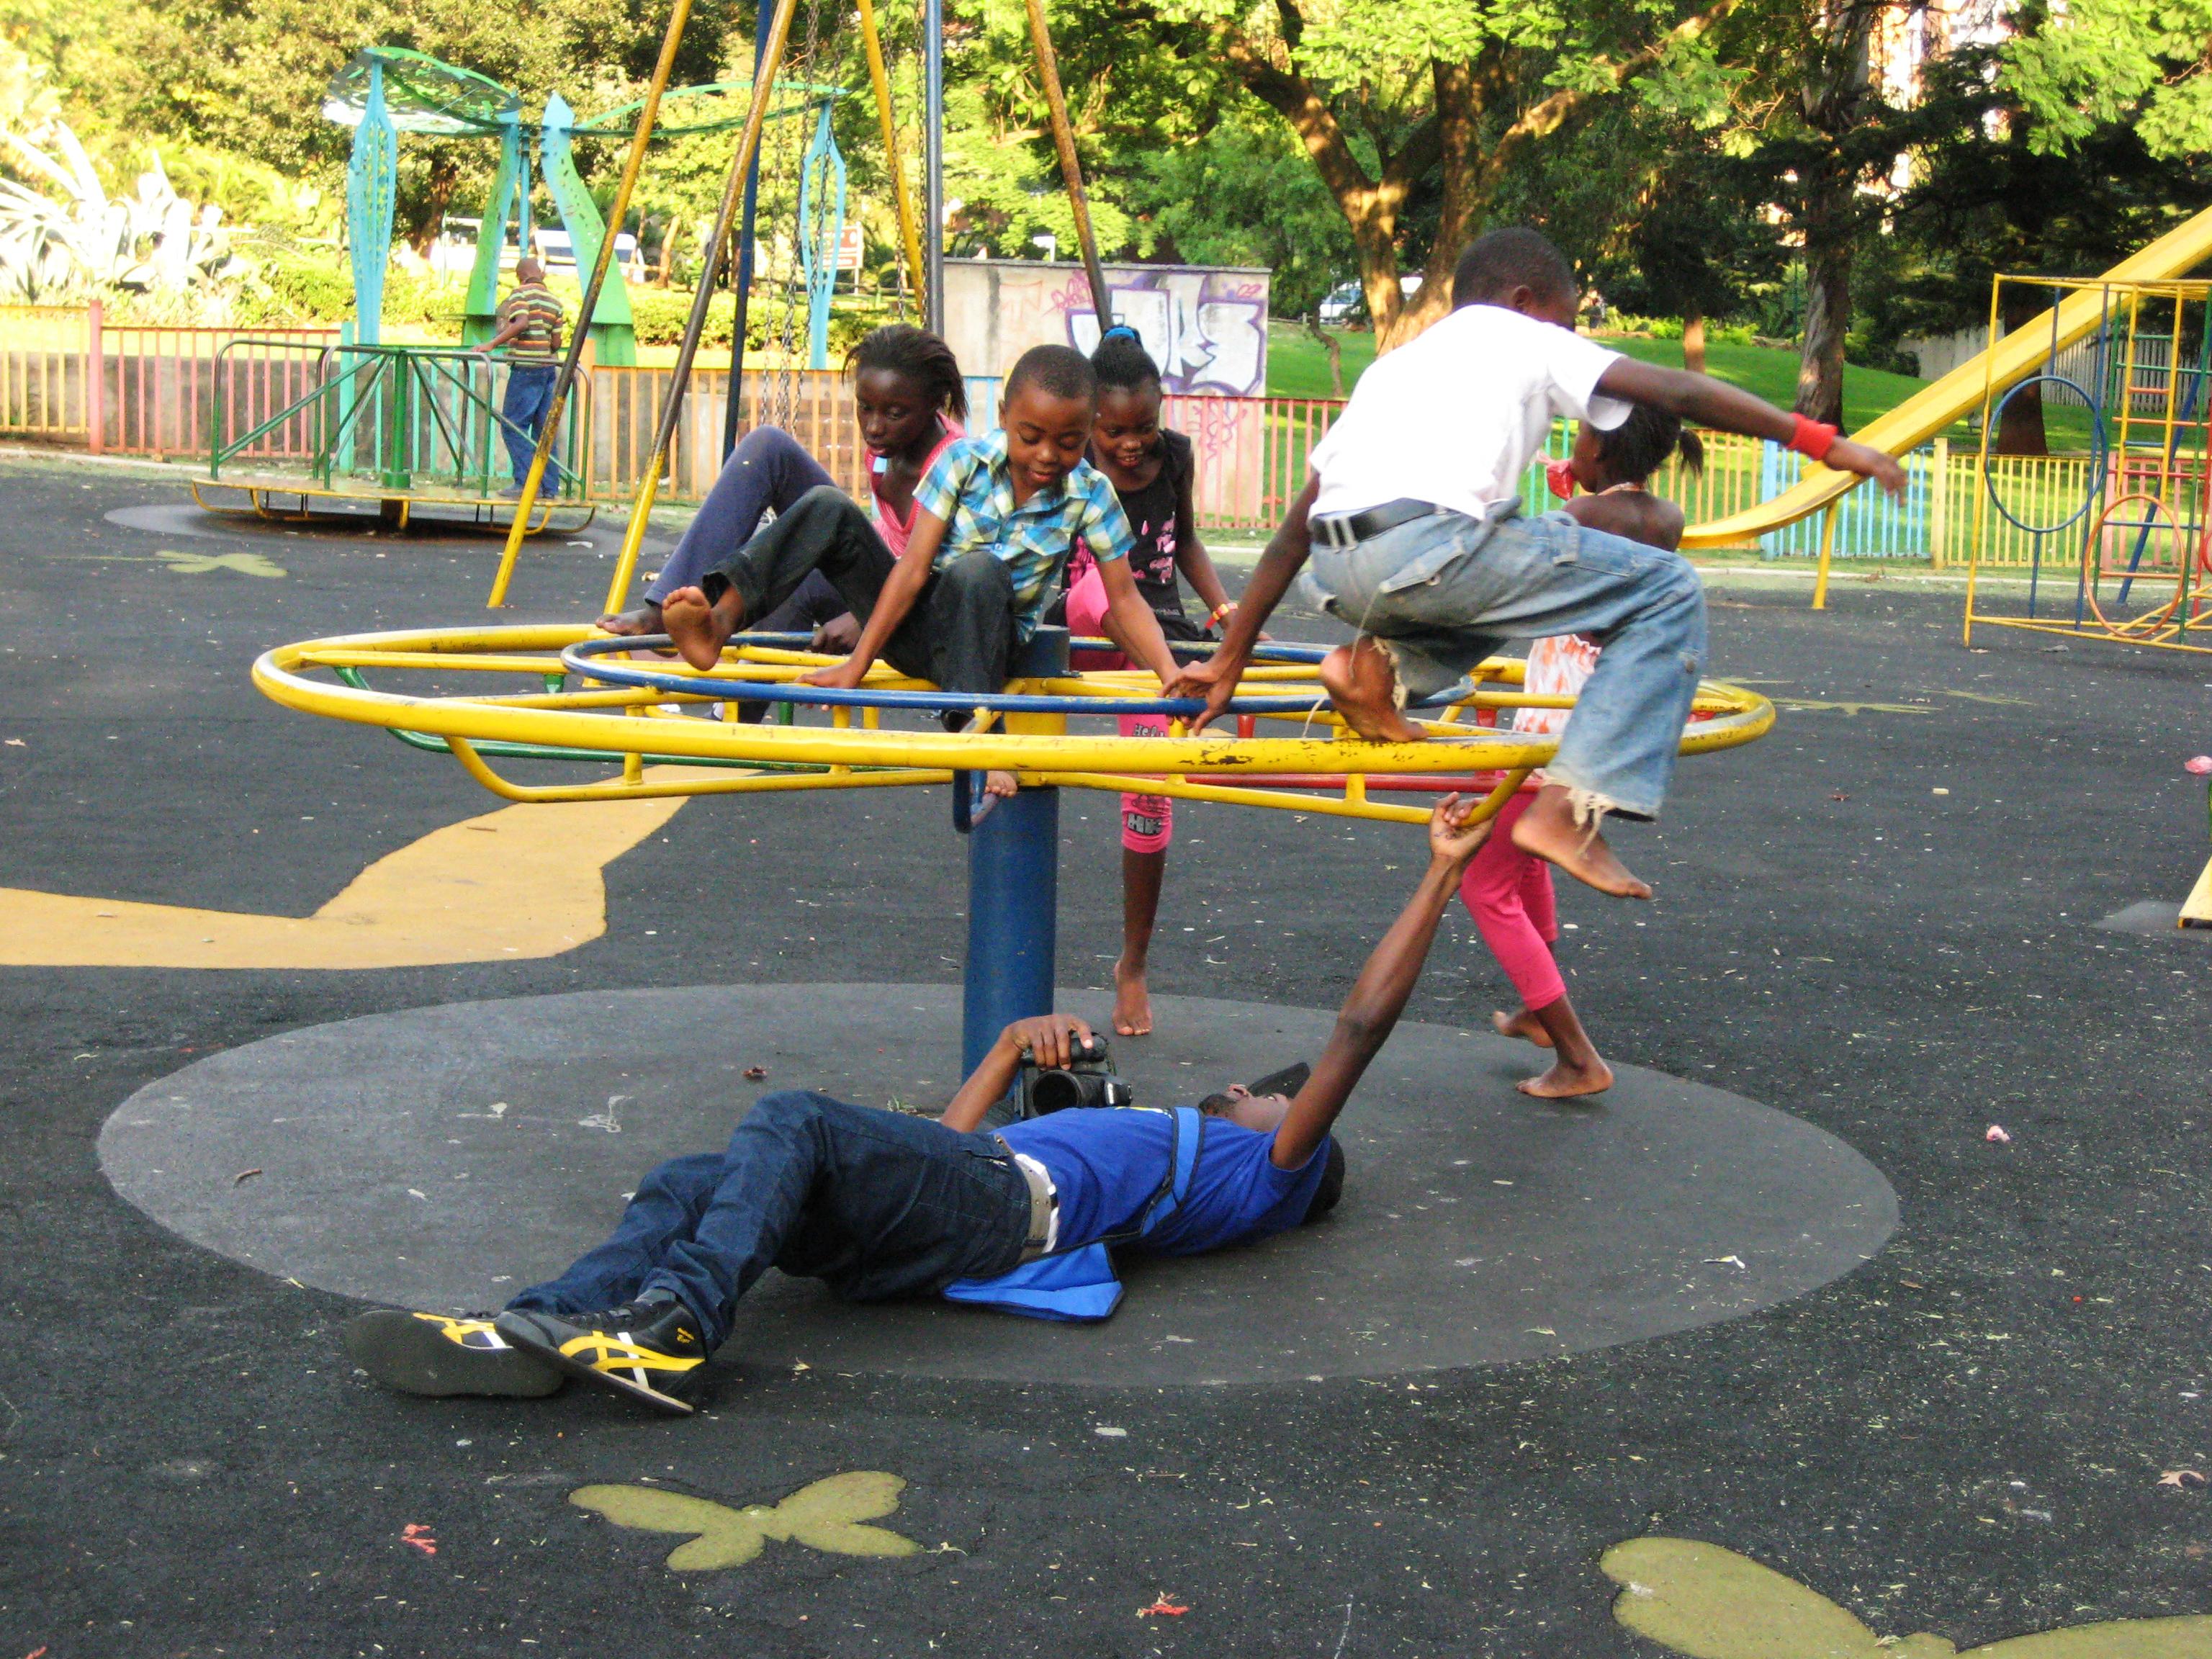 Children on a merry-go-round.